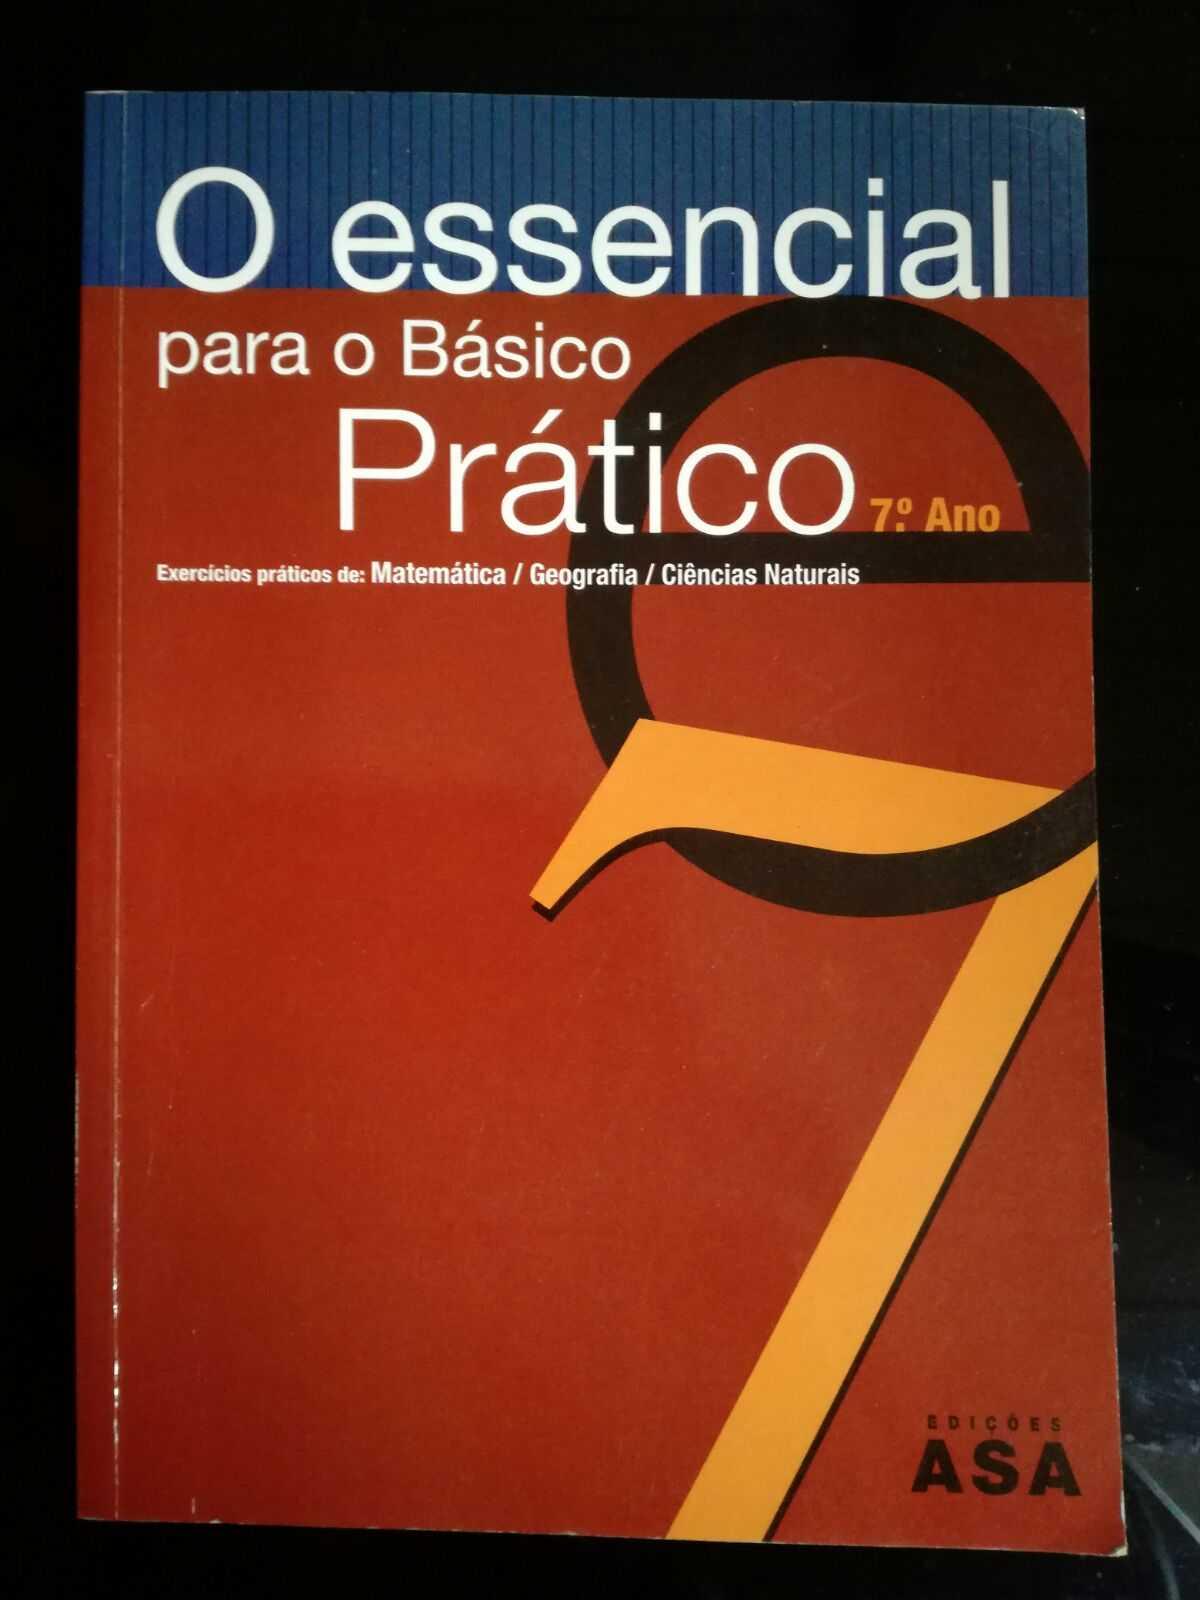 O Essencia para o Básico Prático 7º ano